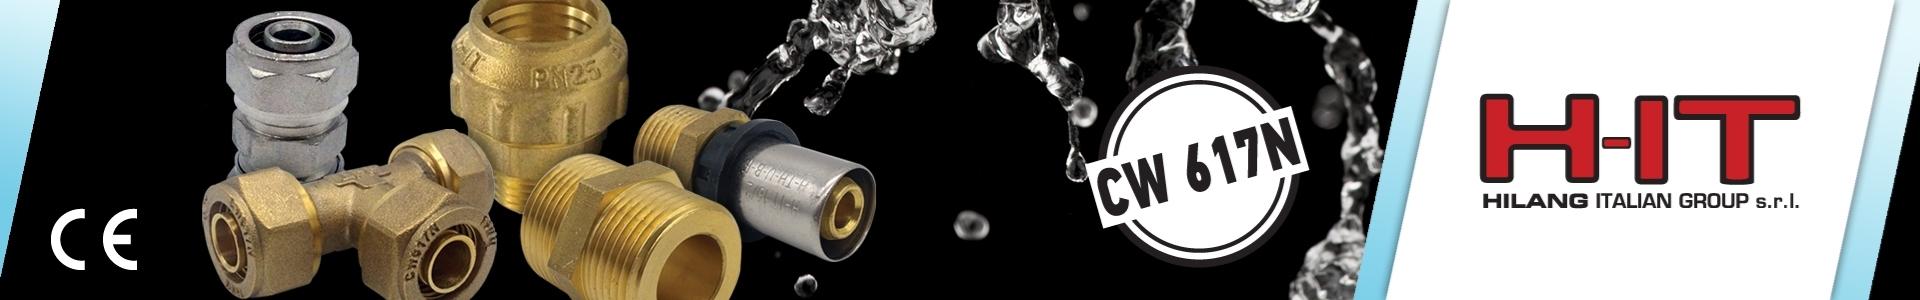 Εικόνα από H-IT Ορειχάλκινα, Μηχανικής Σύσφιξης, Ανοξείδωτα, P.P.R., Πρεσαριστά Εξαρτήματα